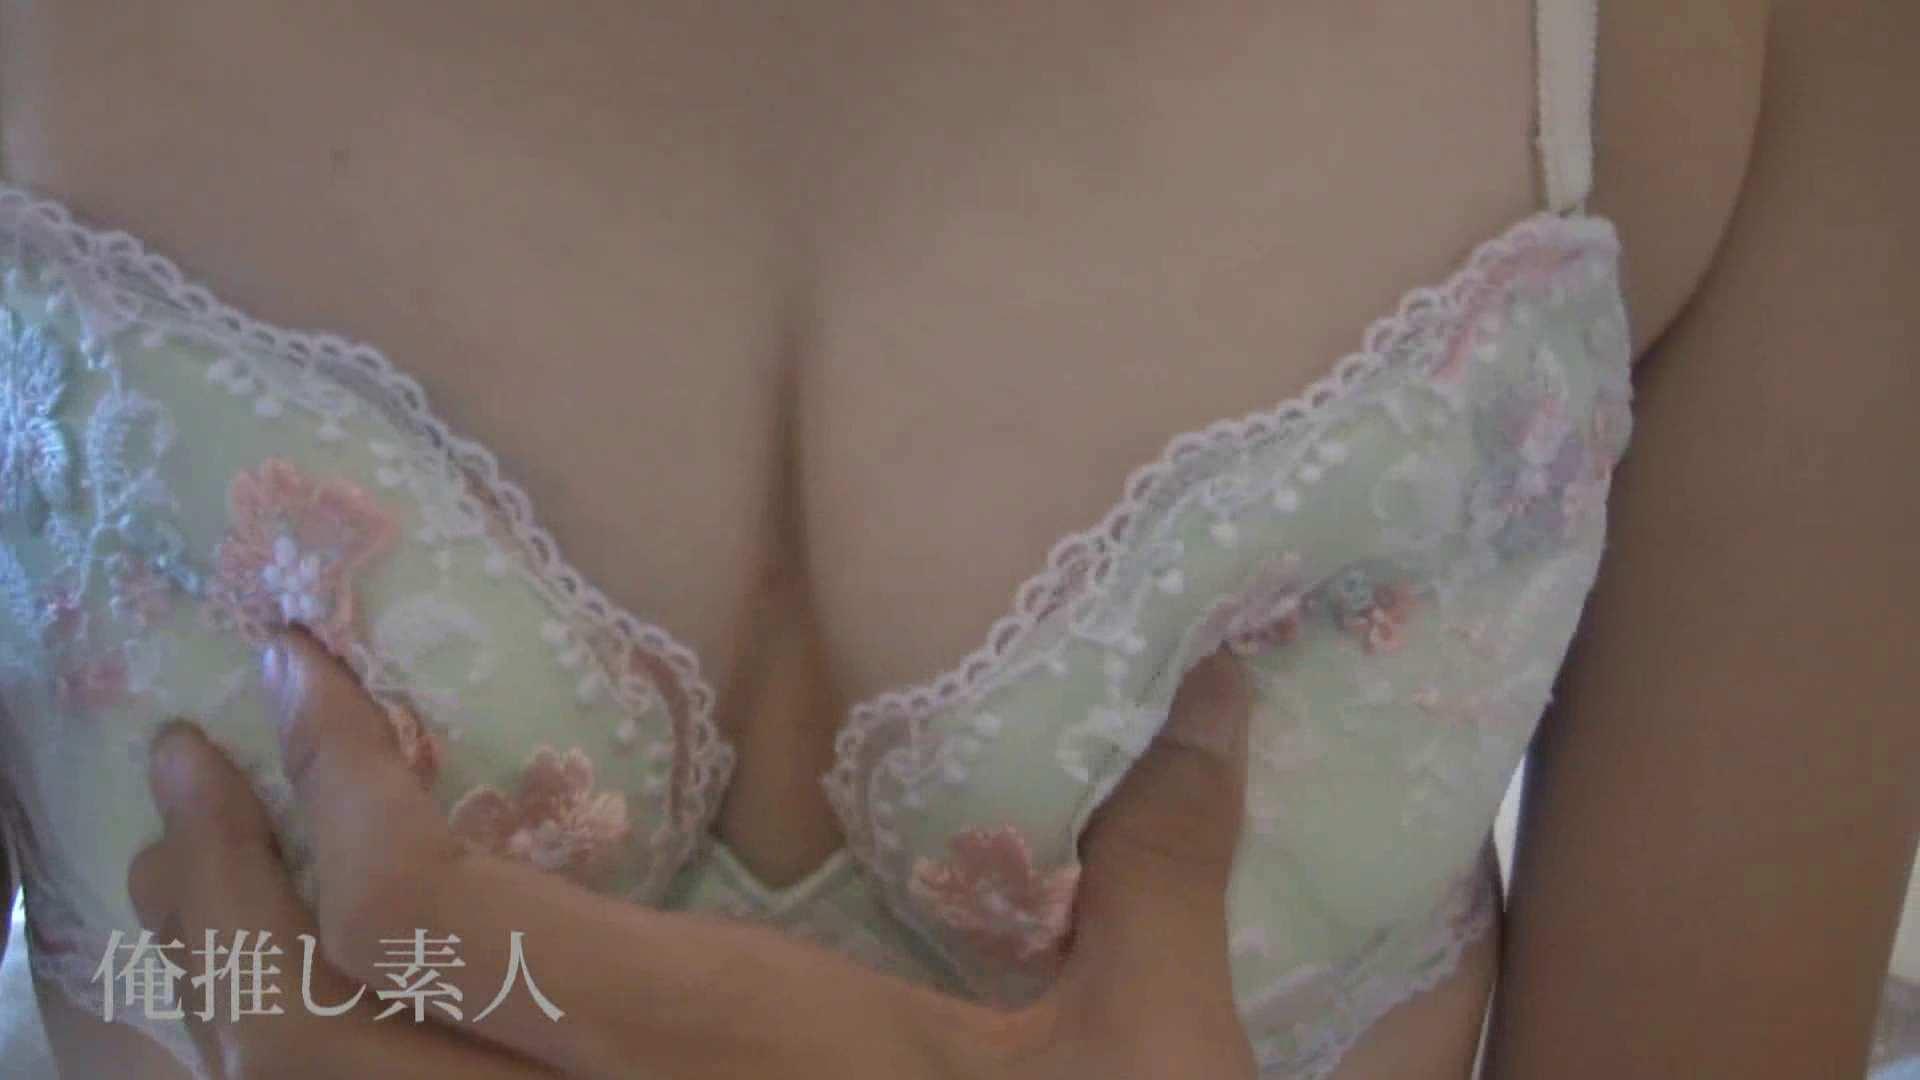 俺推し素人 キャバクラ嬢26歳久美vol5 OLのエッチ AV動画キャプチャ 107pic 27